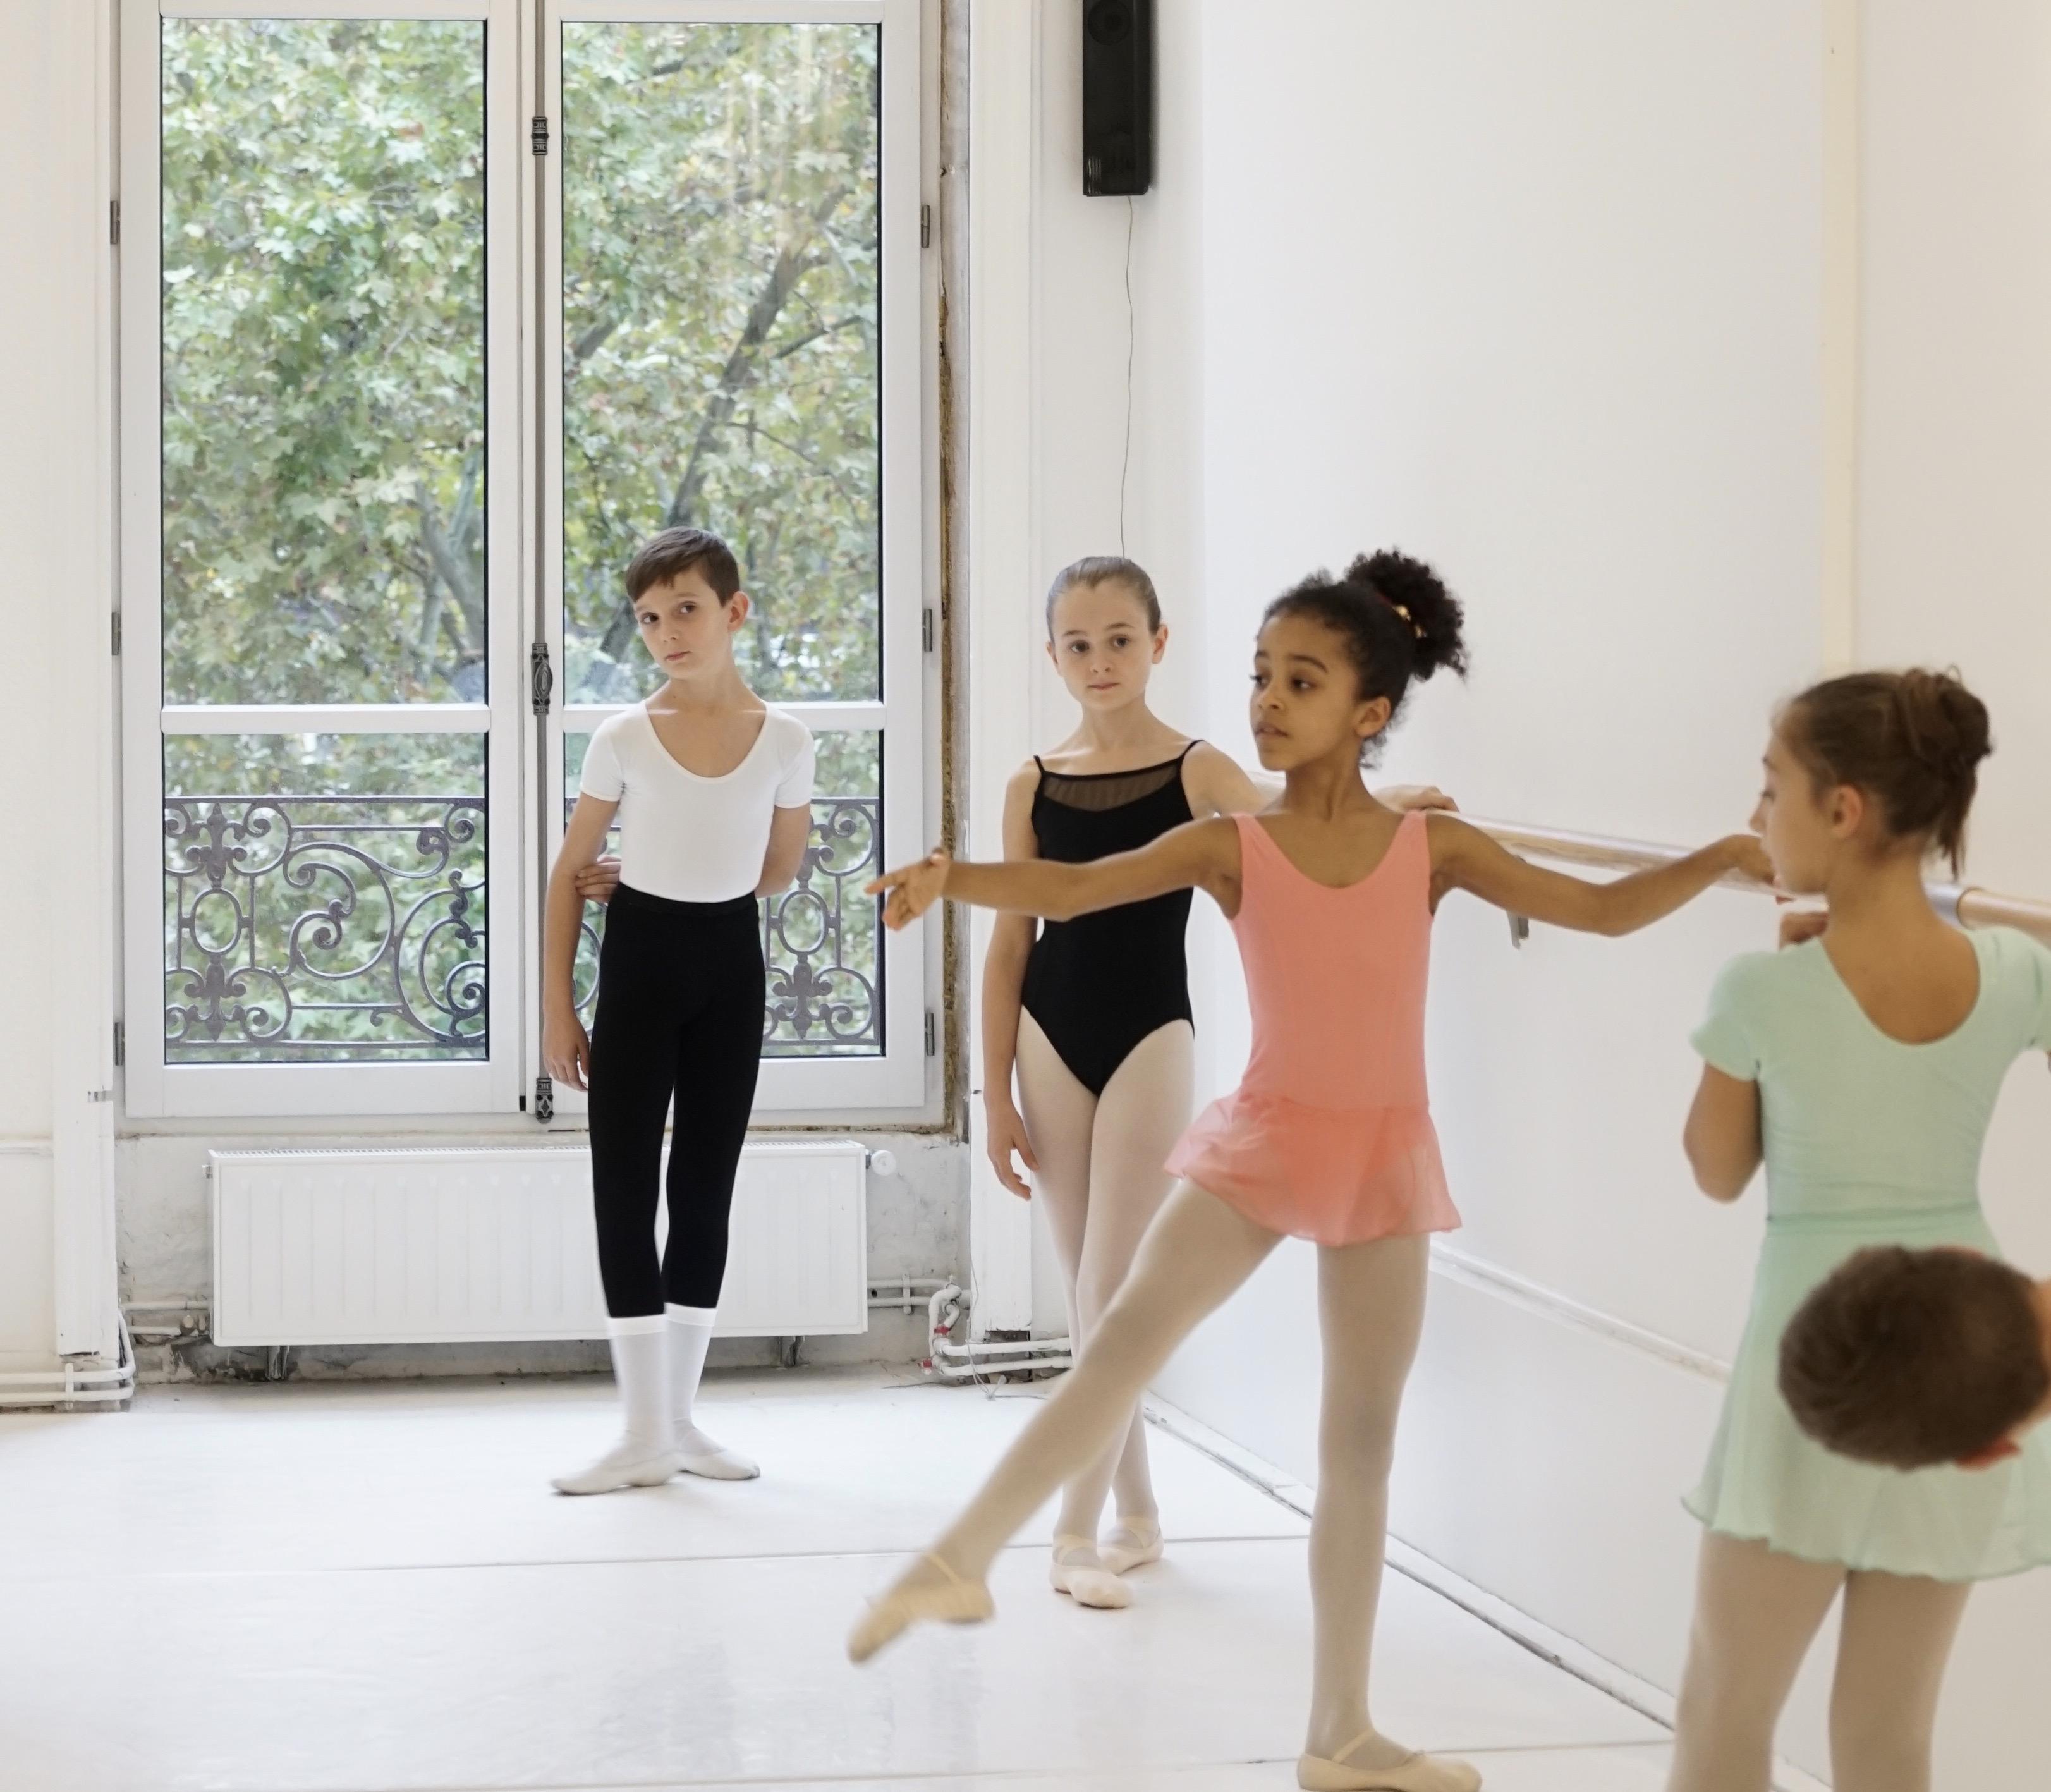 enfants danse classique cours pour enfants 4 ans 5 ans eveil initiation lyon école de danse edac